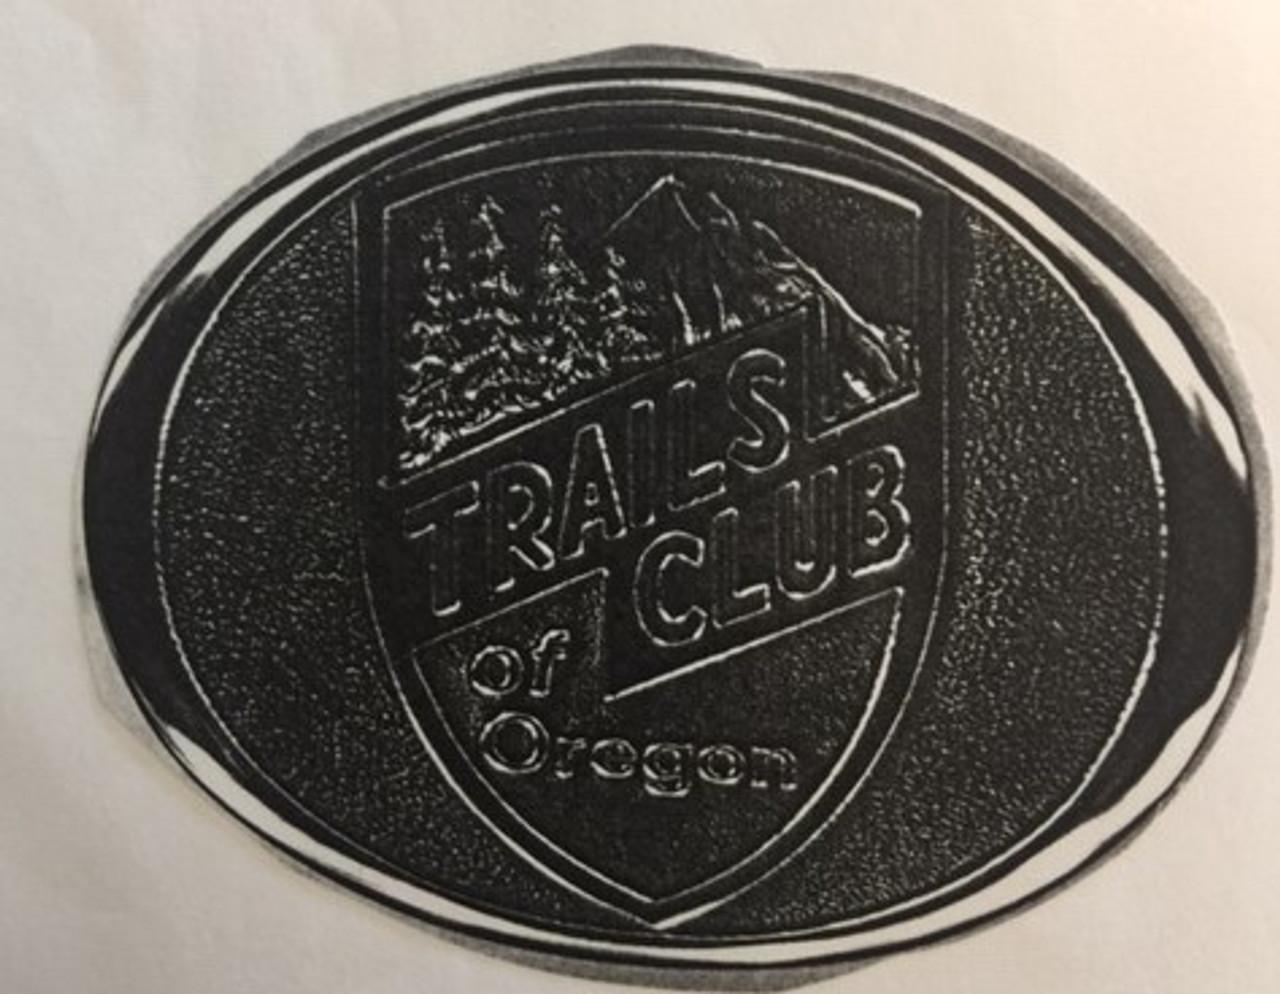 Trails Club of Oregon Buckle